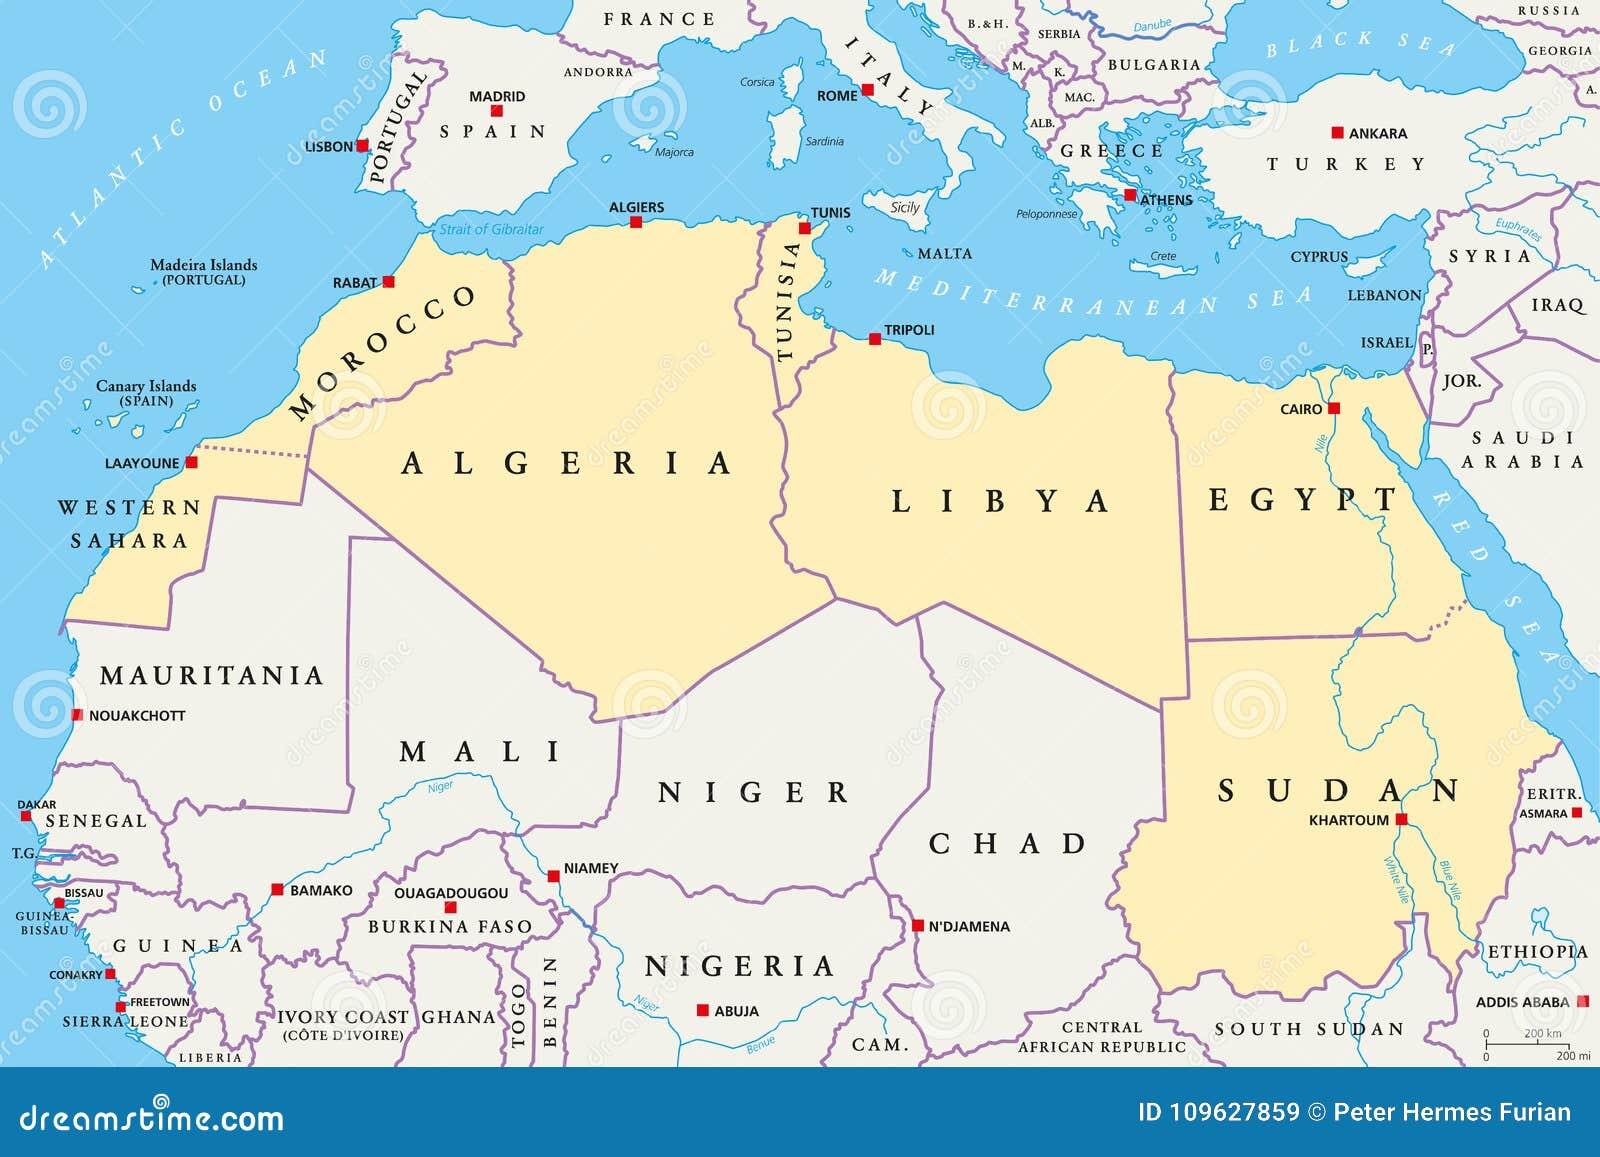 Afryka Polnocna Region Polityczna Mapa Ilustracja Wektor